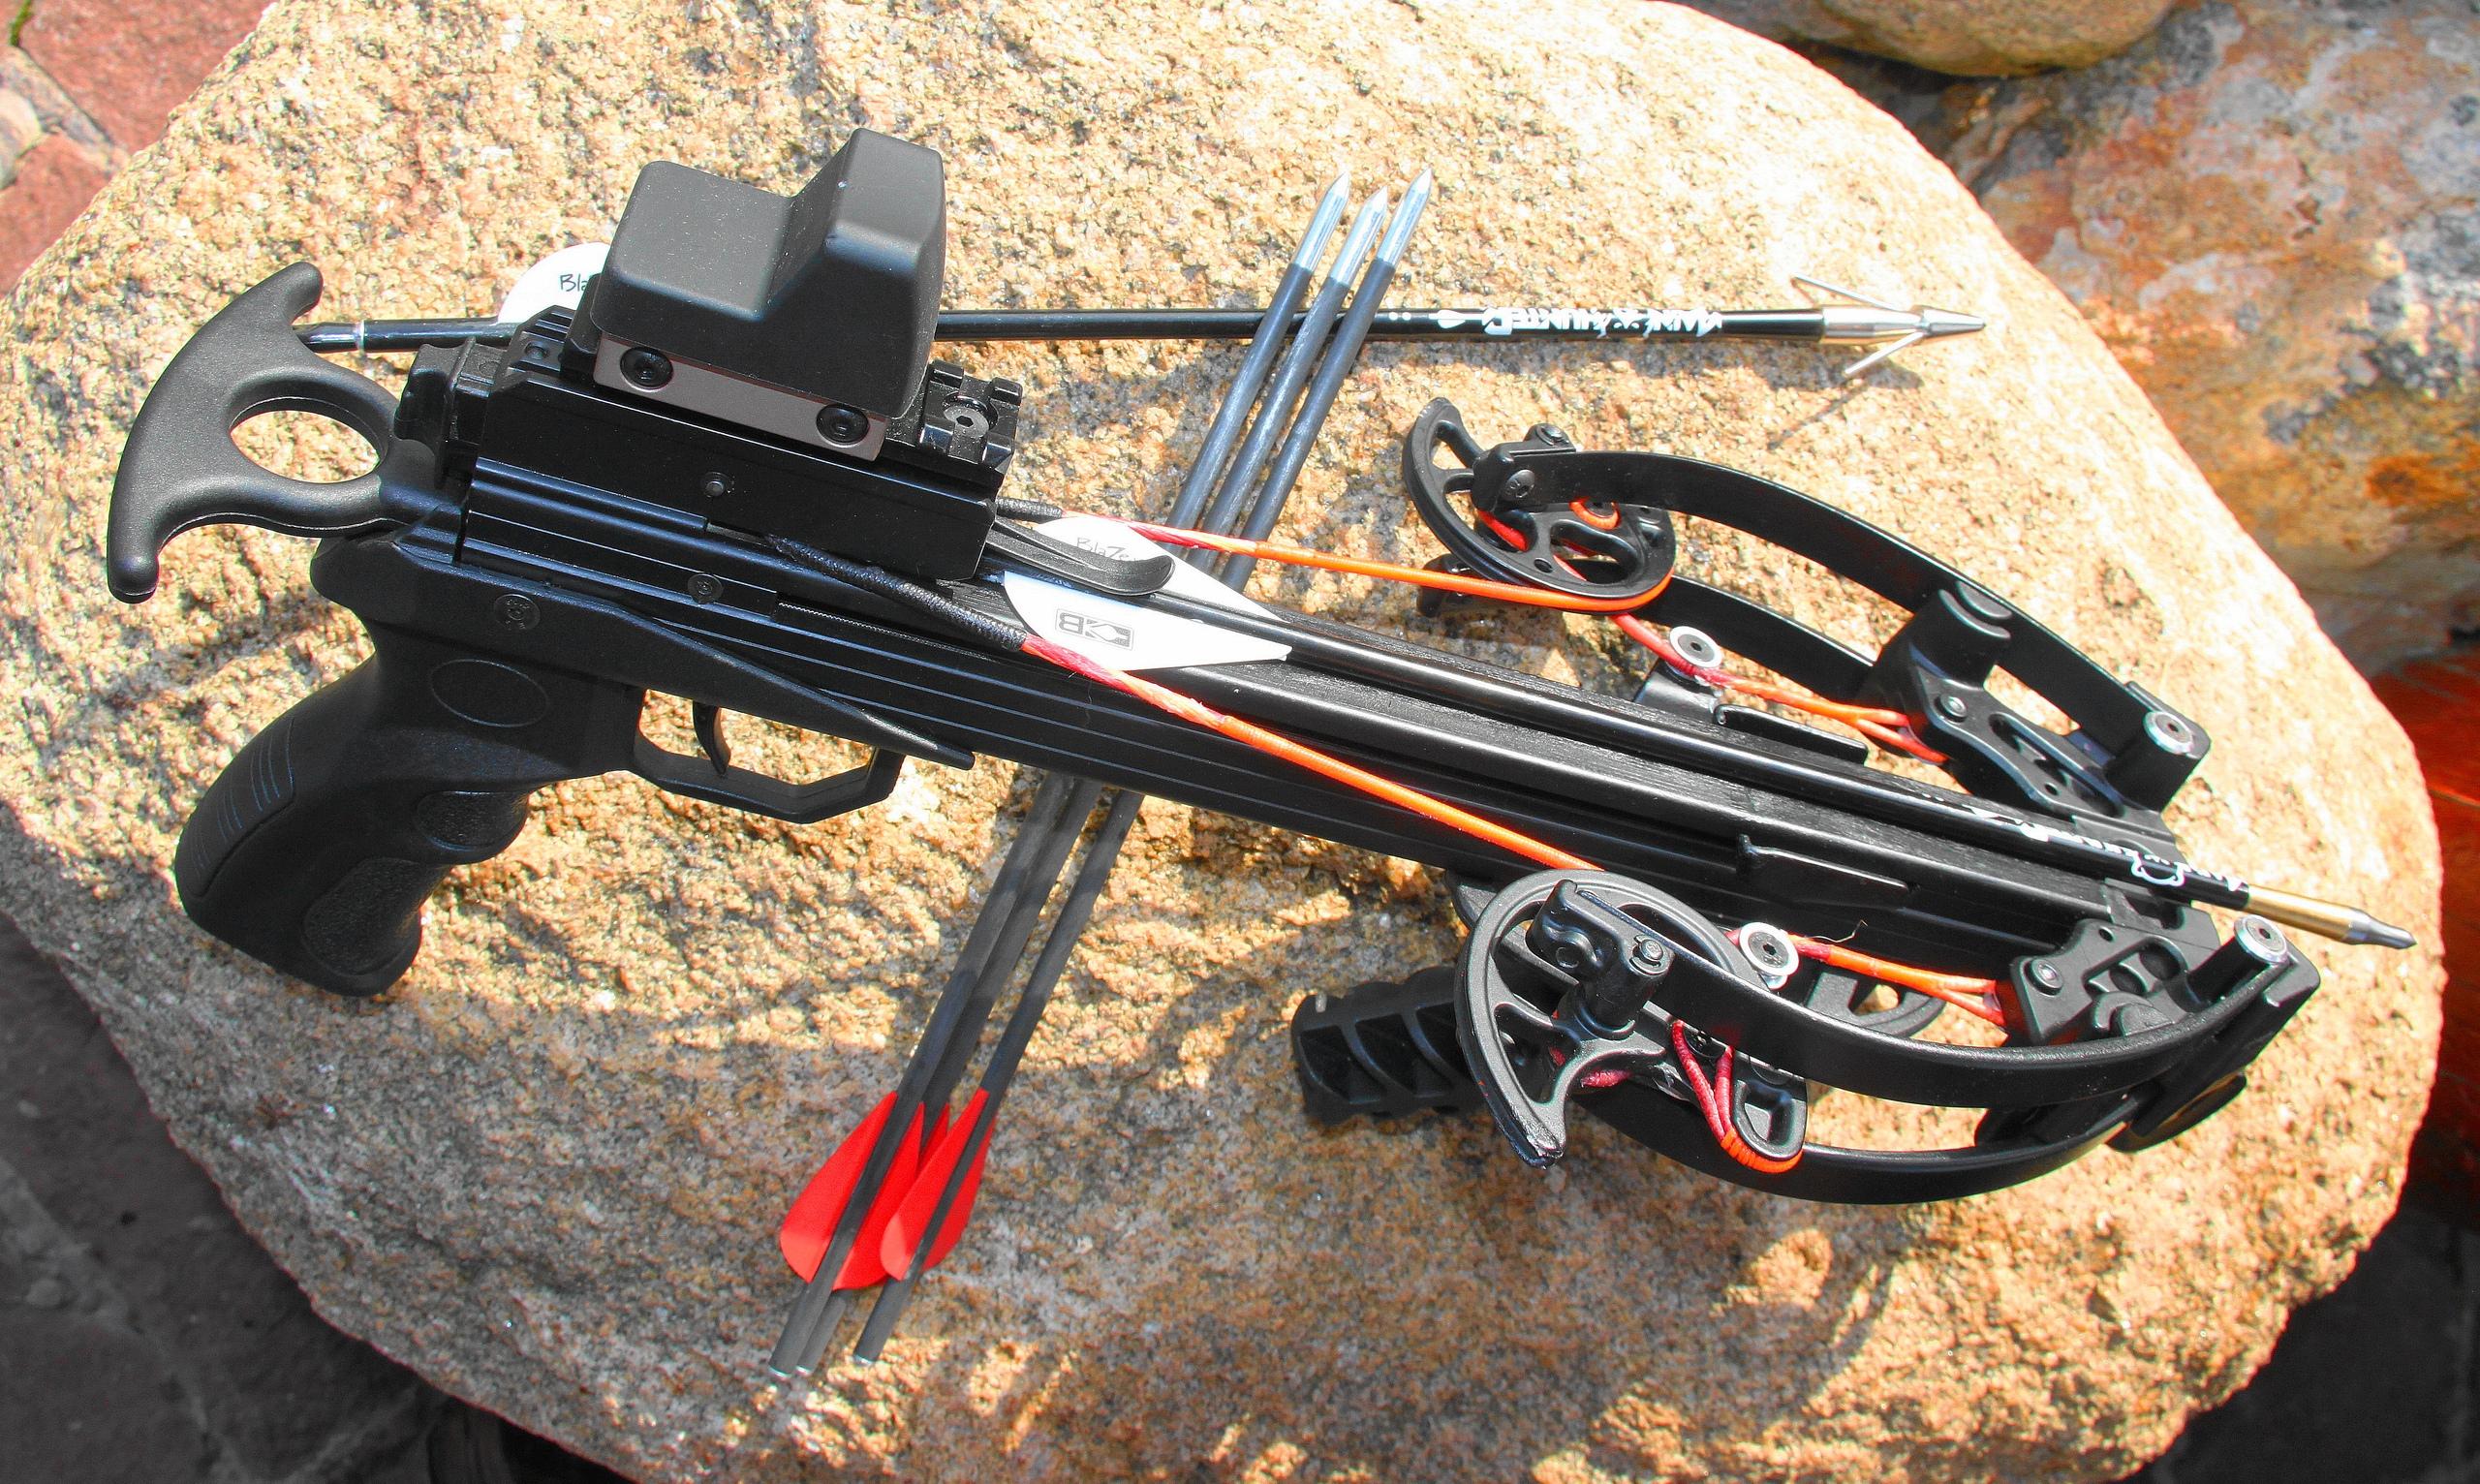 Super-compact compound MAMBA CROSSBOW-Рistol - Единственный в мире сверх-портативный охотничий арбалет-пистолет. Самый компактный в мире блочный арбалет, единственный в мире блочный арбалет-пистолет весом до 1 кг, самый быстрый в мире арбалет-пистолет, единственный в мире арбалет с встроенным шнуровым самоубирающимся натяжителем, единственный в мире охотничий арбалет-пистолет, самый легкий в мире арбалет со скоростью вылета стрелы 350 FPS и более, арбалет с самым бесшумным выстрелом и перезаряжанием, - все это новейший арбалет-пистолет Мамба от MainHunter.ru